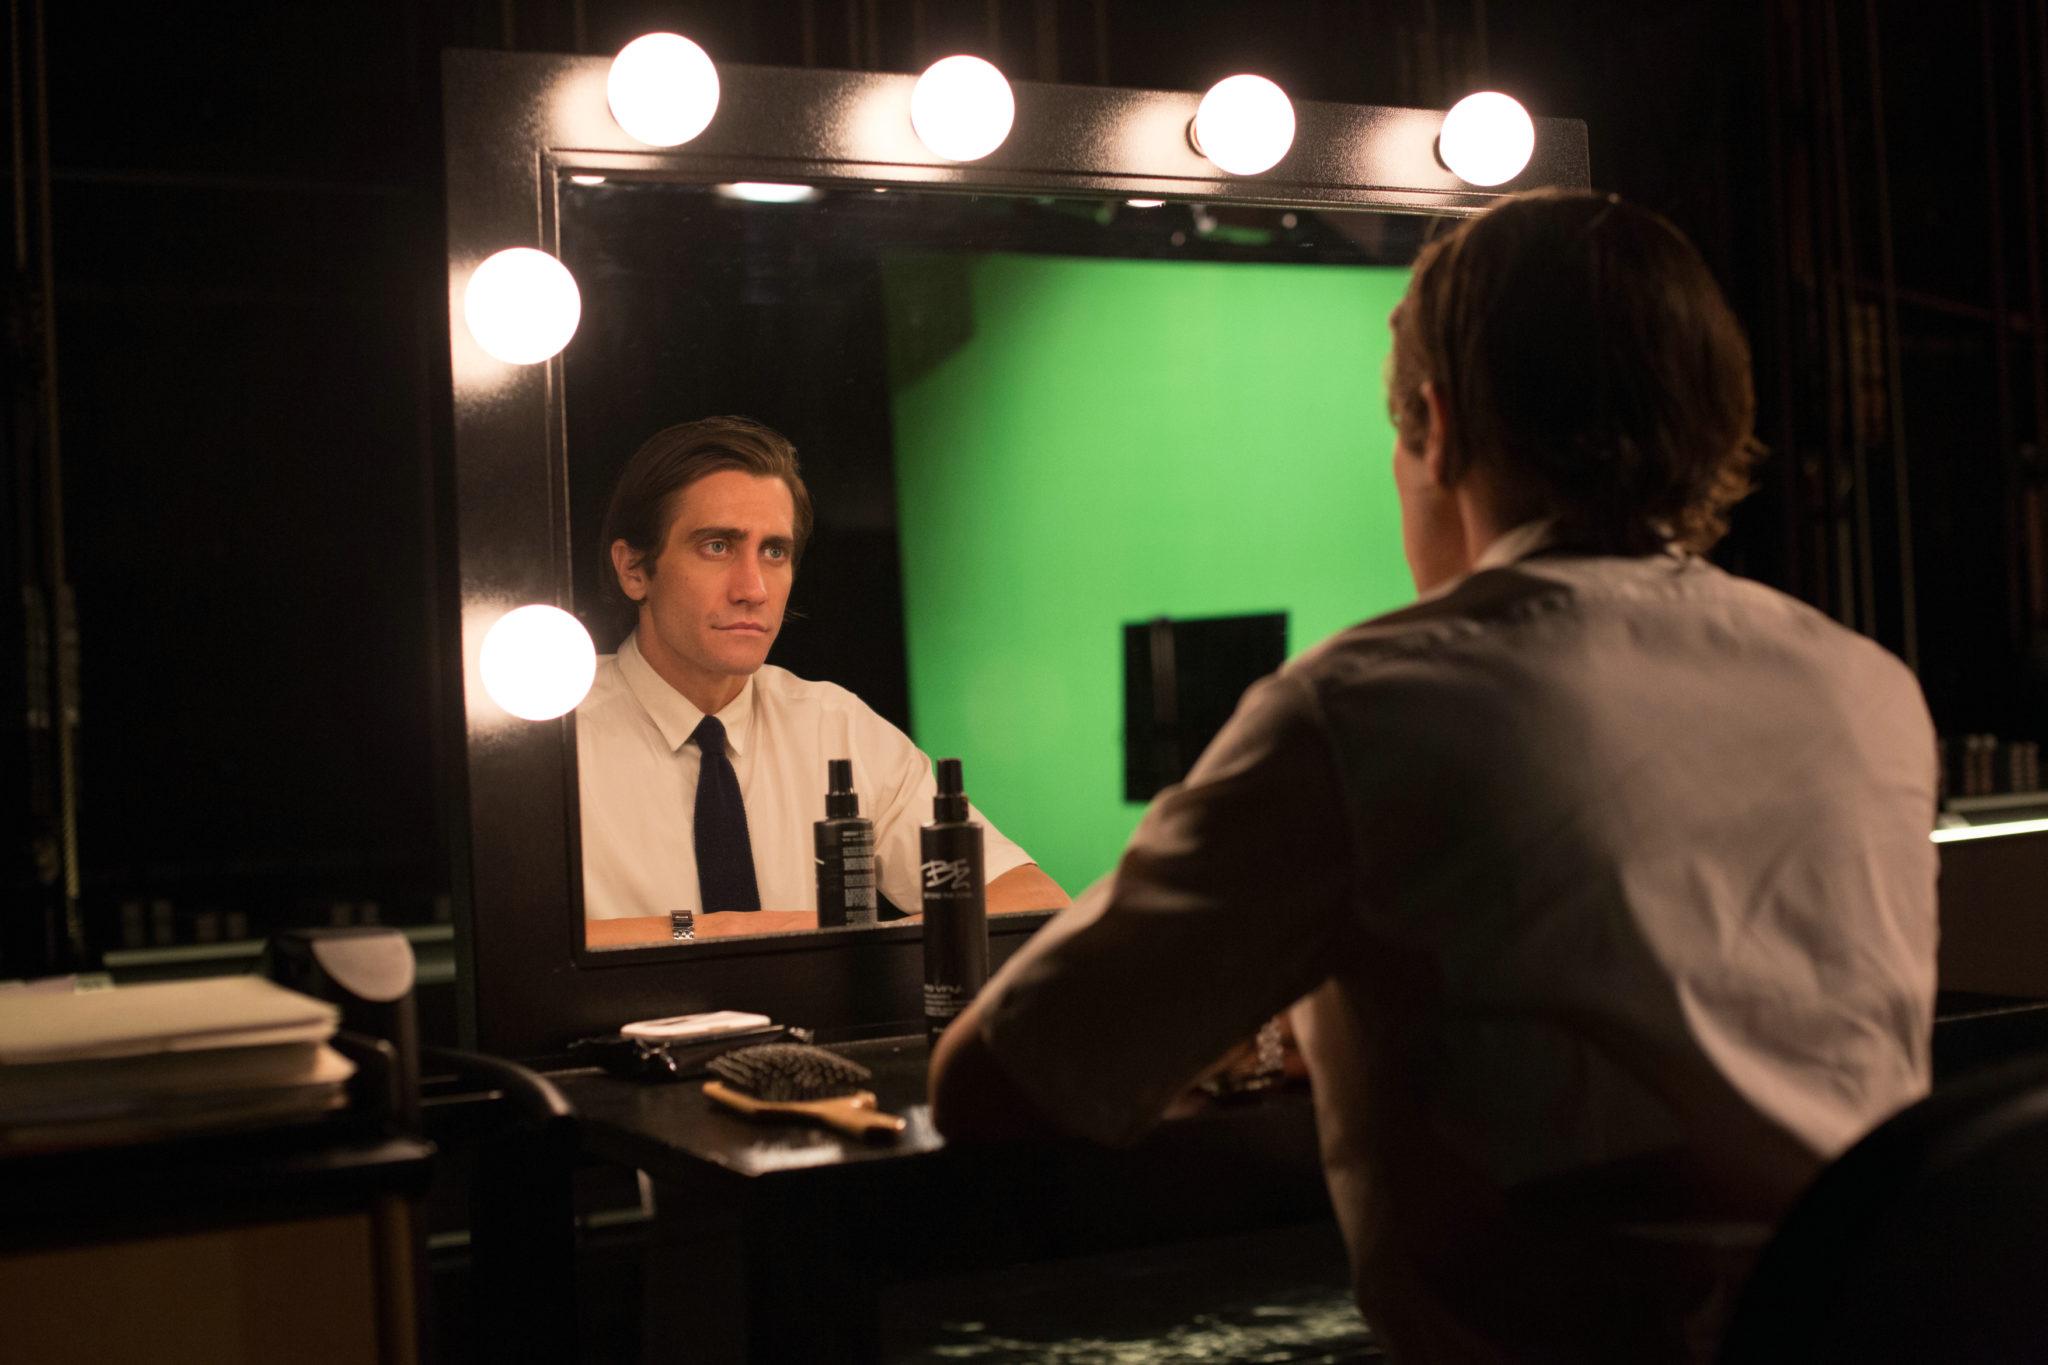 Jake Gyllenhaal in Nightcrawler - wir wünschen eine Fortsetzung